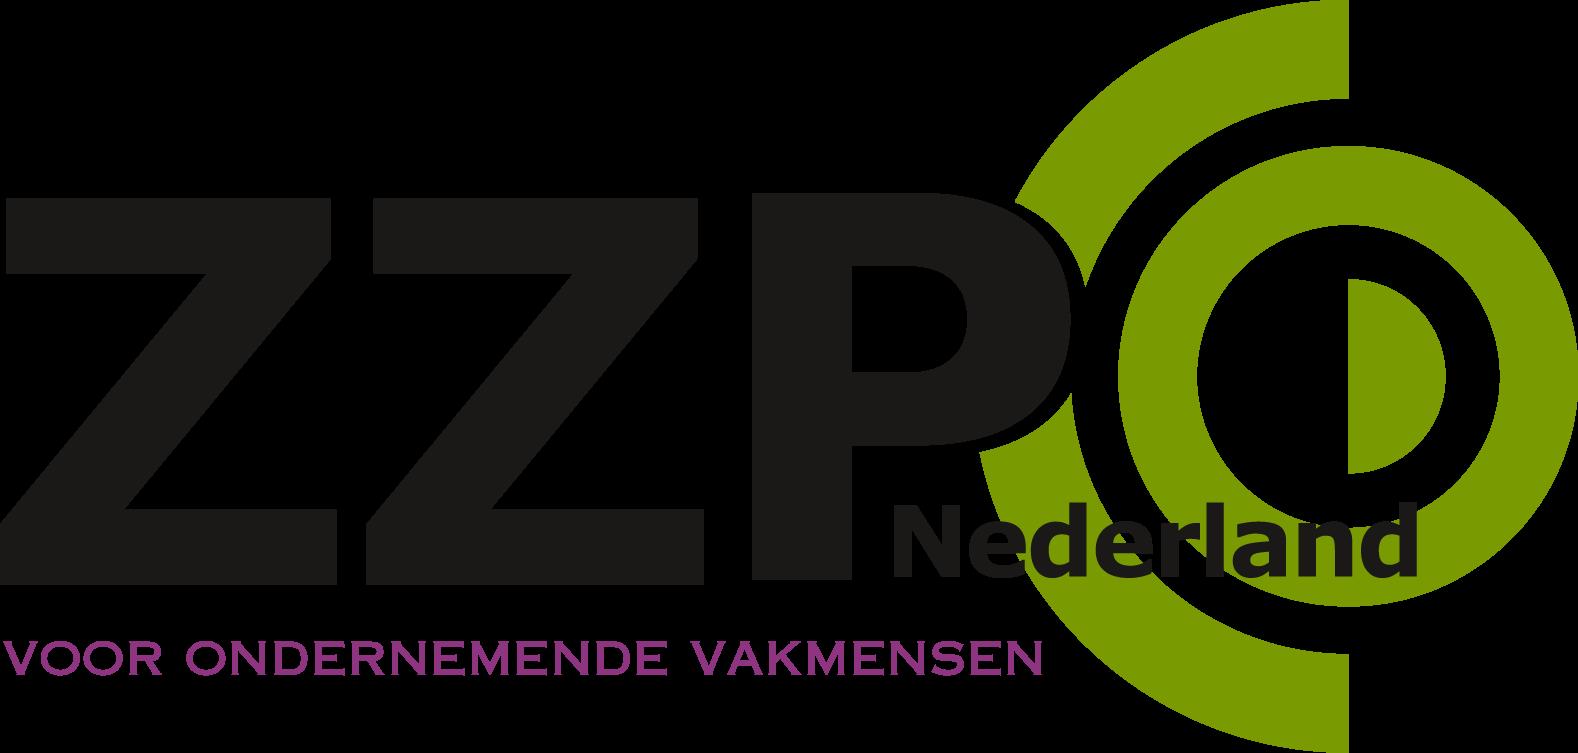 ZZP Nederland logo